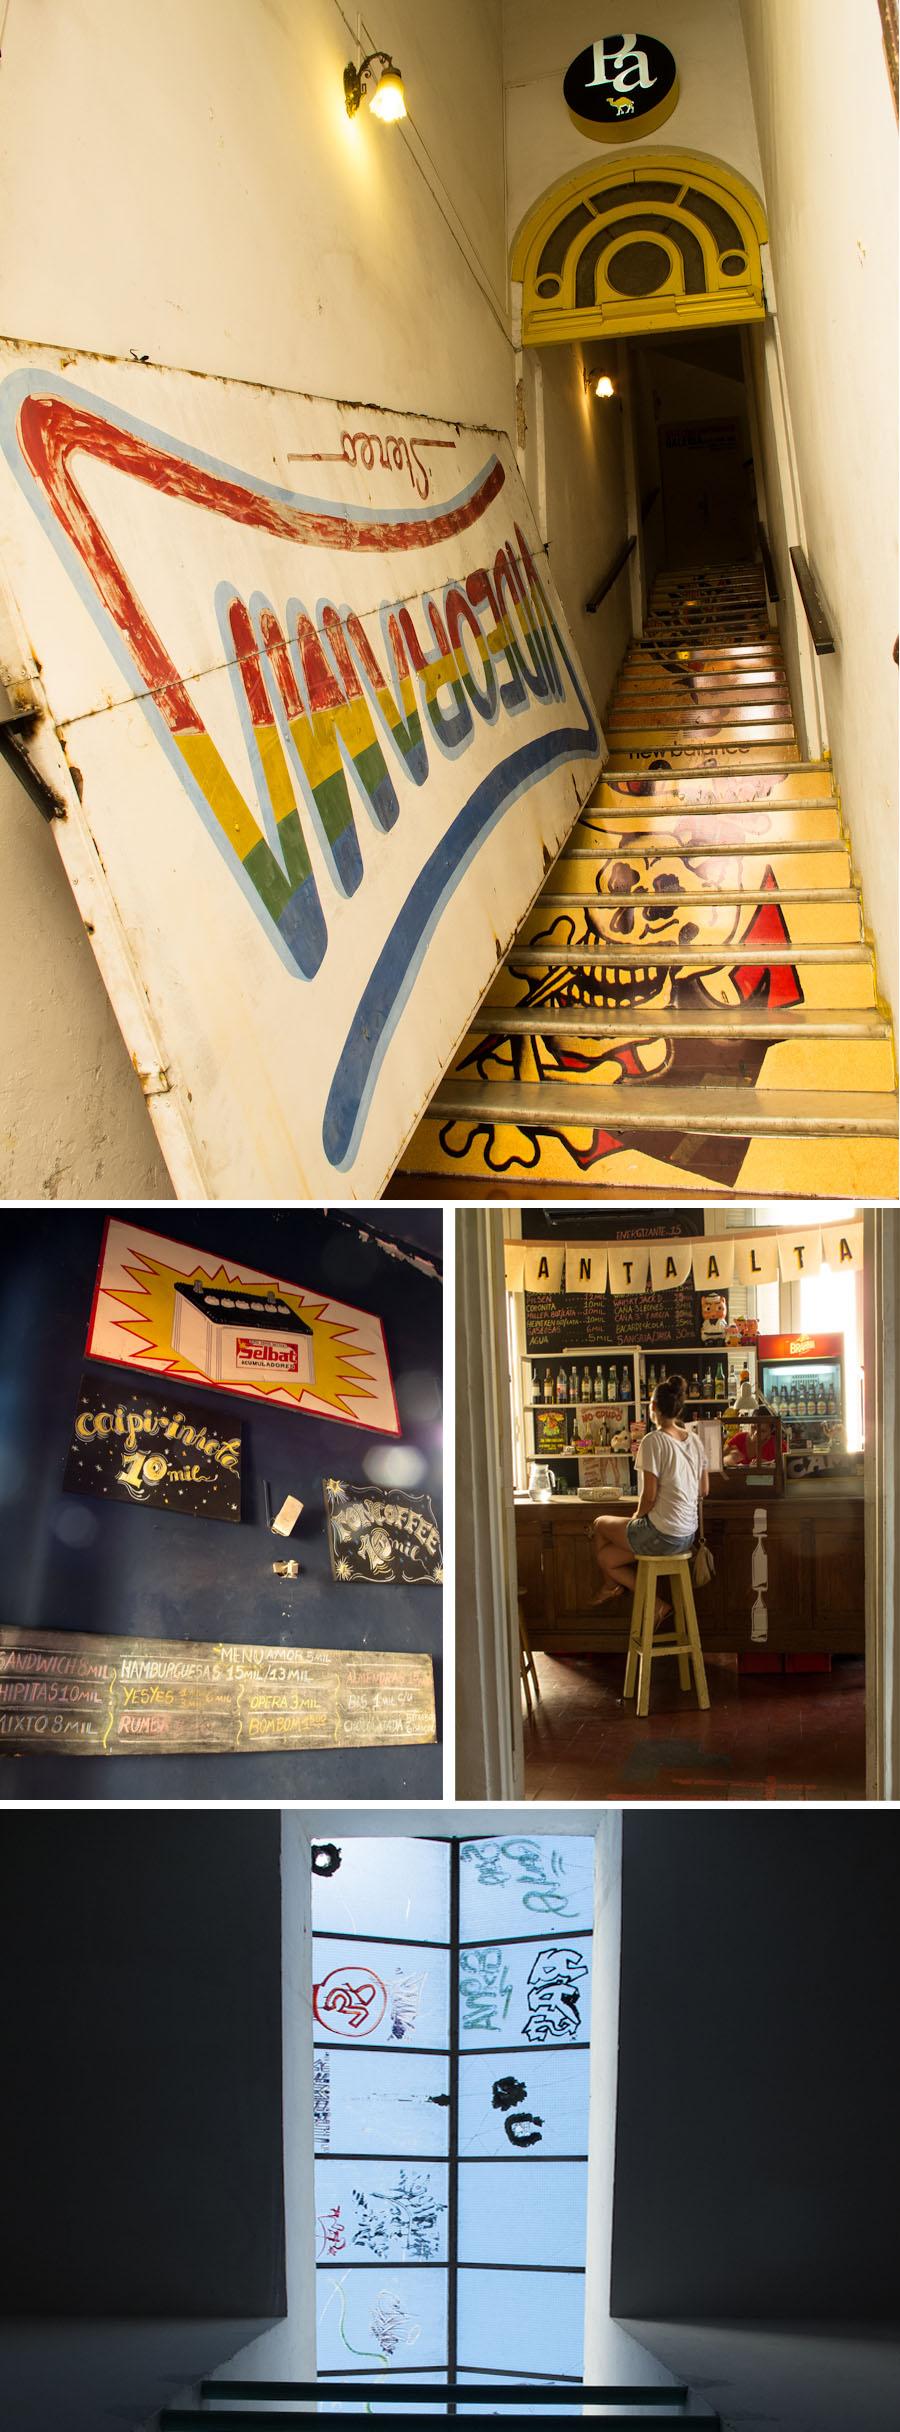 Café y galería de arte Planta Alta, en Asunción. Fotos